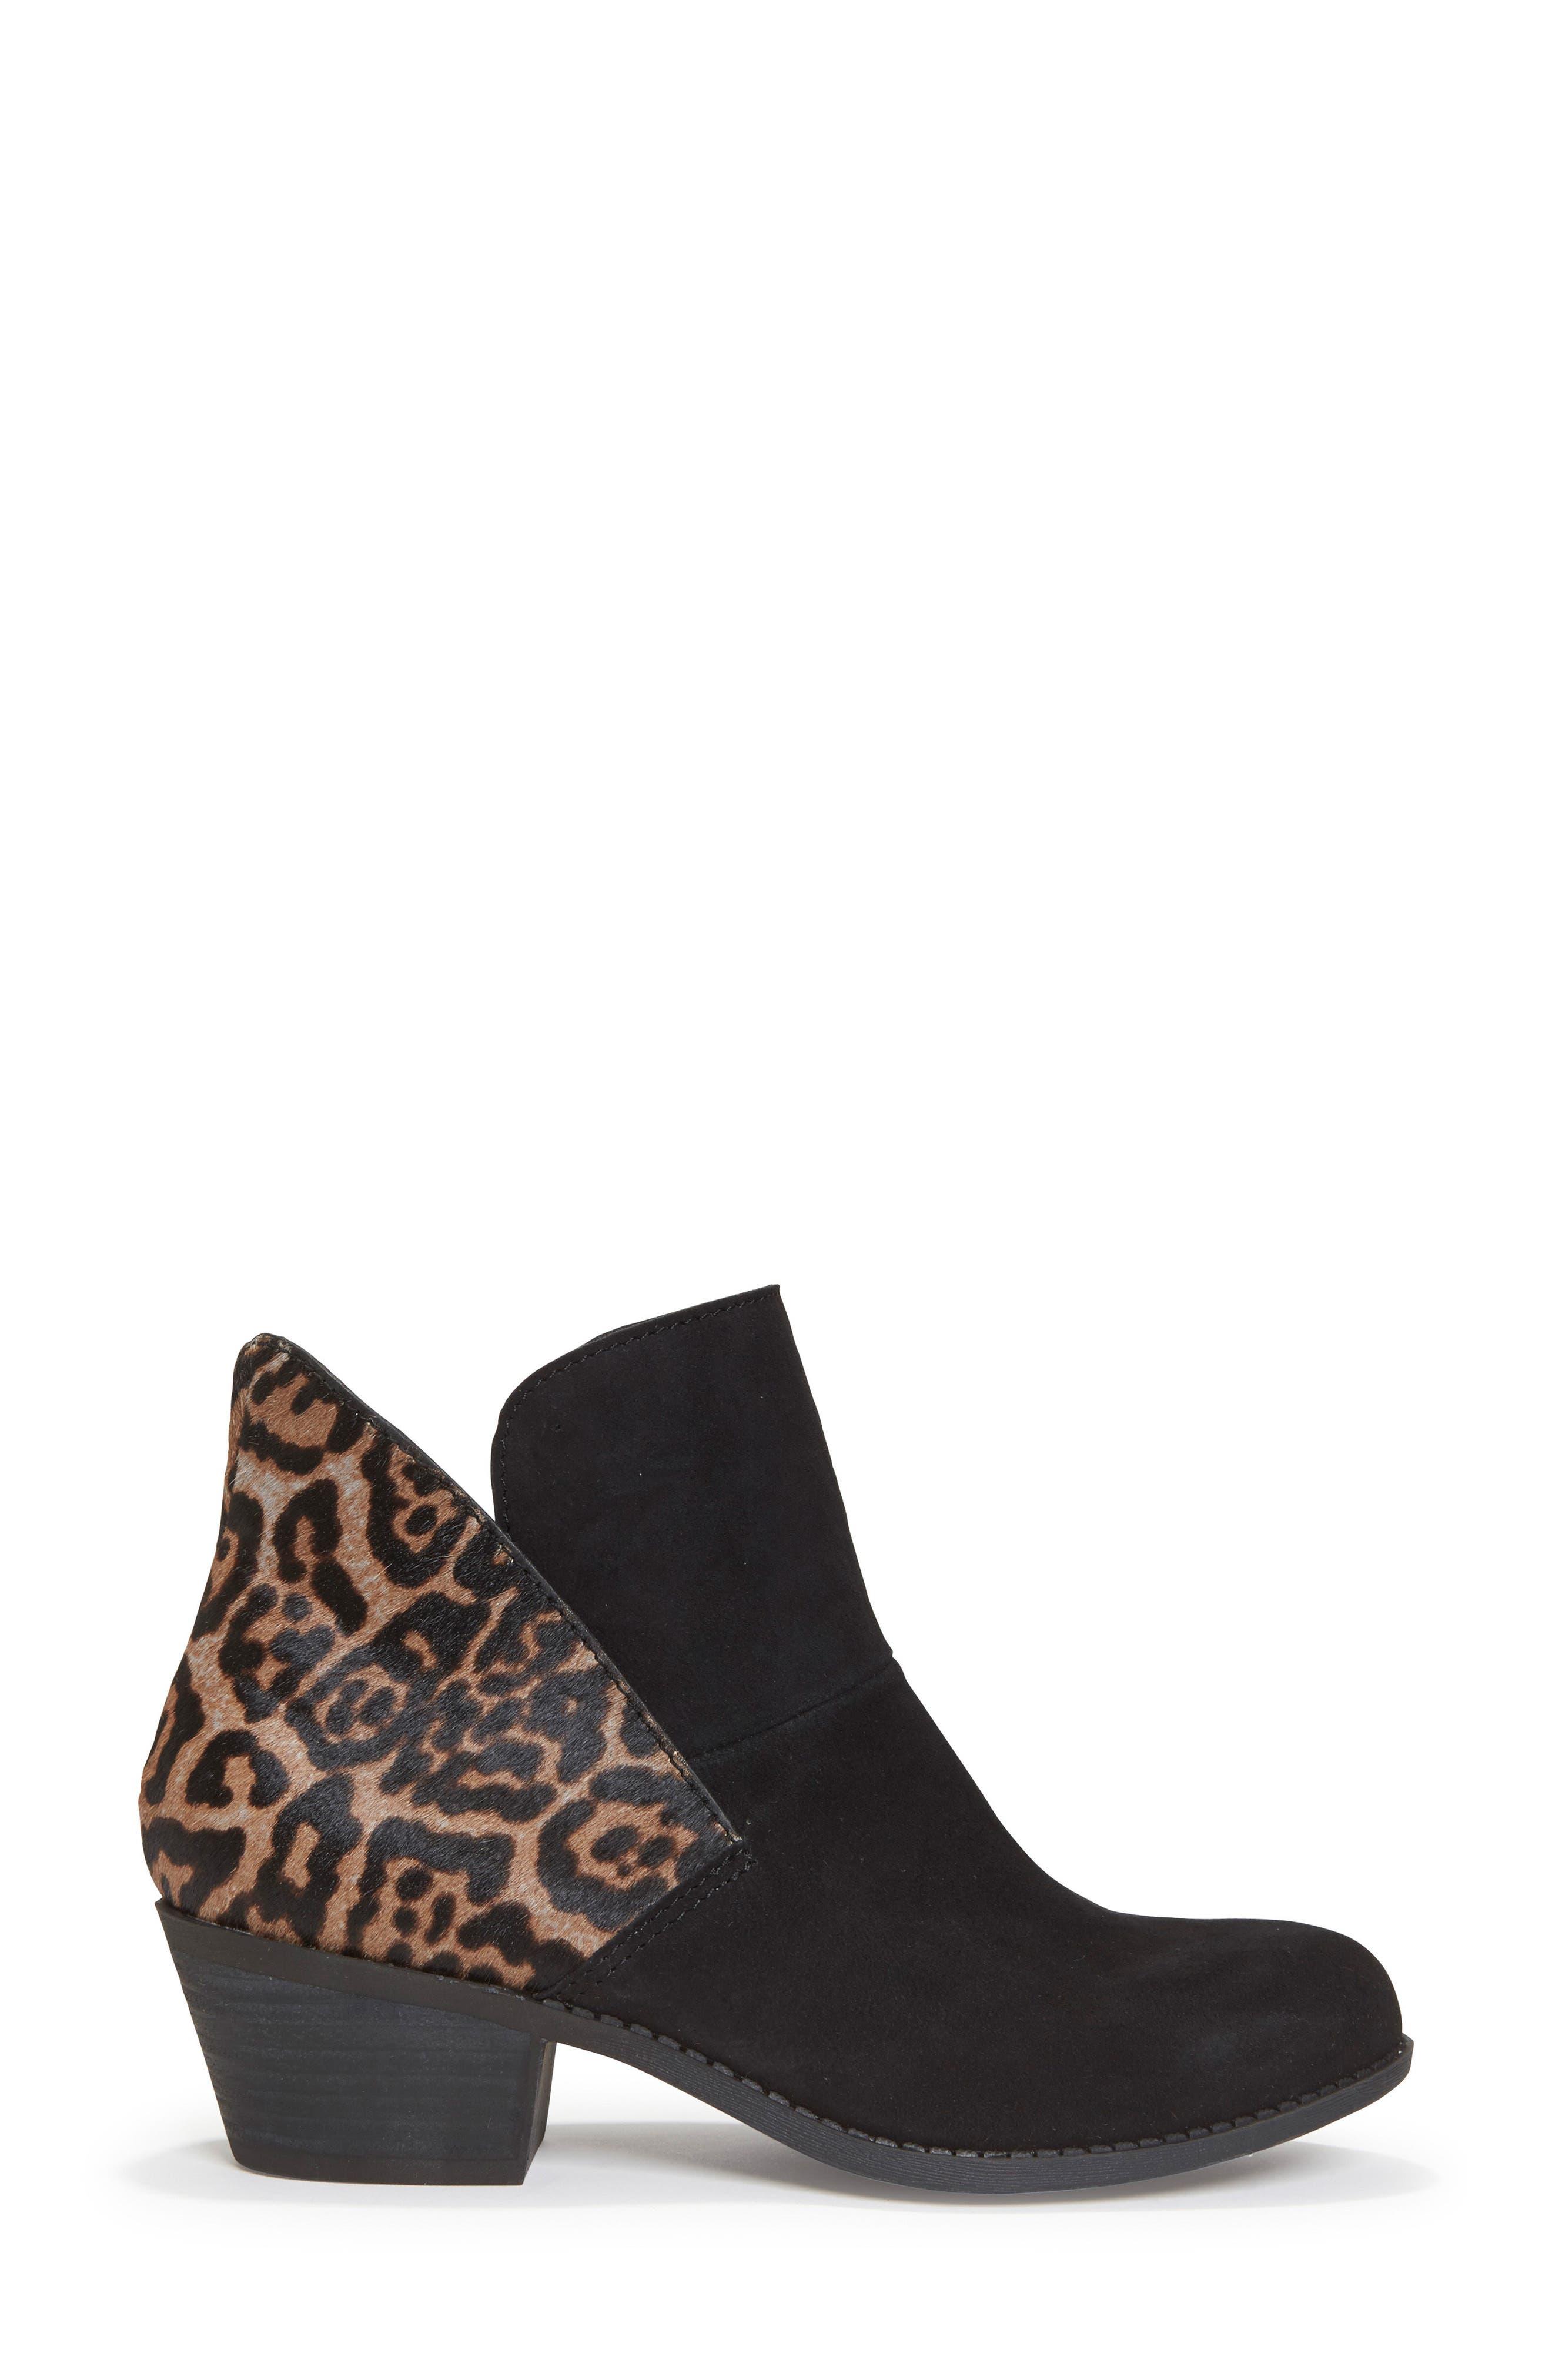 Zena Ankle Boot,                             Alternate thumbnail 3, color,                             Black/ Ash Jaguar Suede